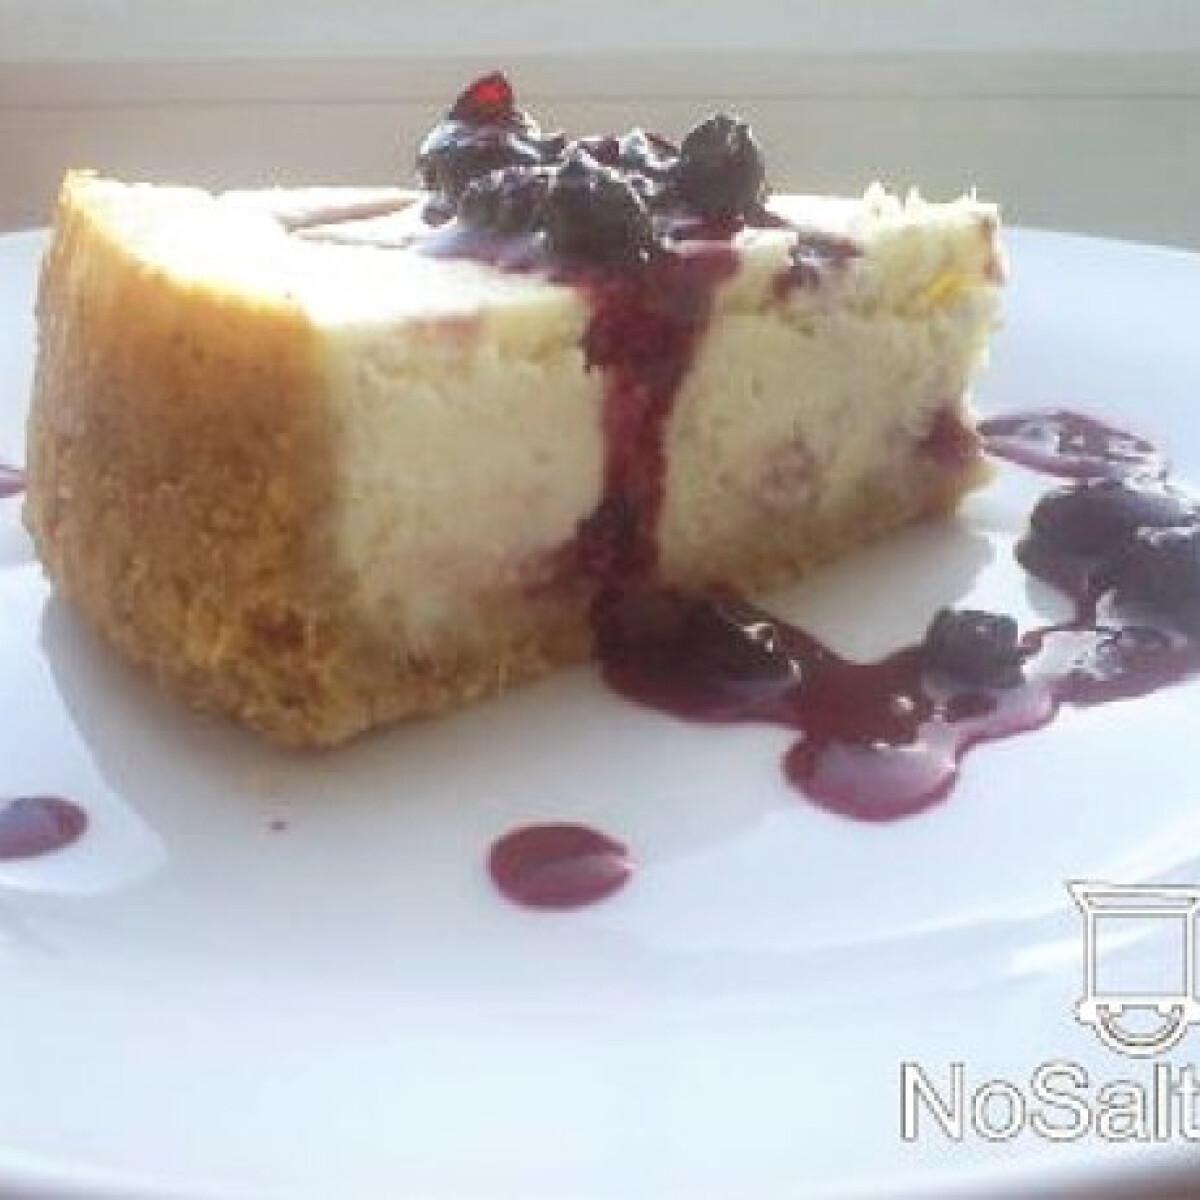 Mixed Berries Swirl Cheesecake